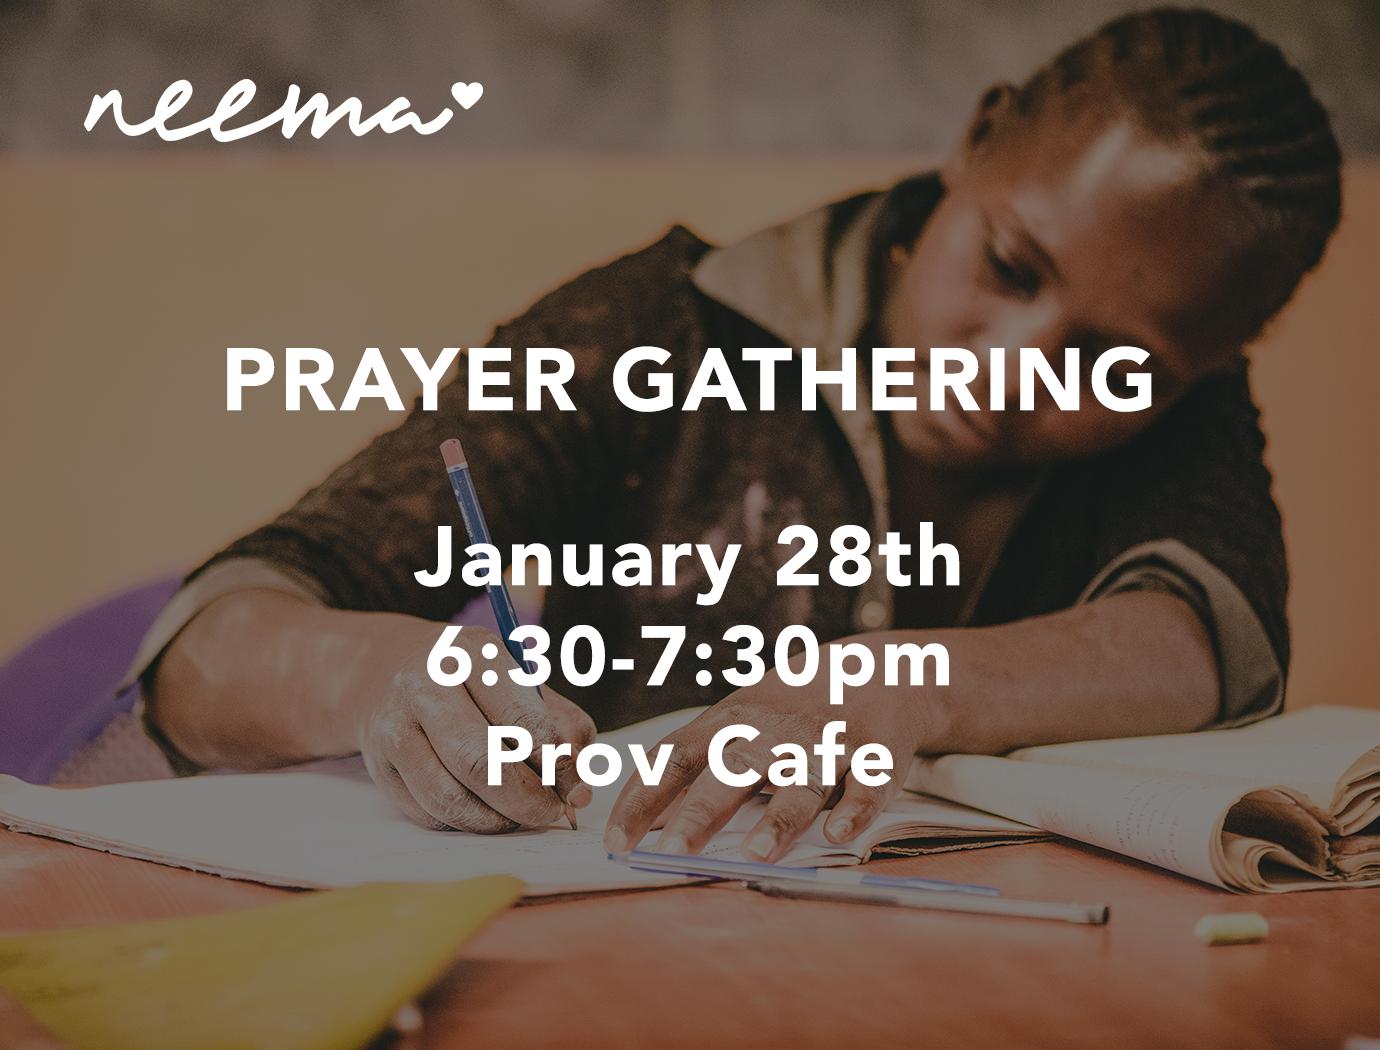 NEEMA_PrayerGathering2018.png